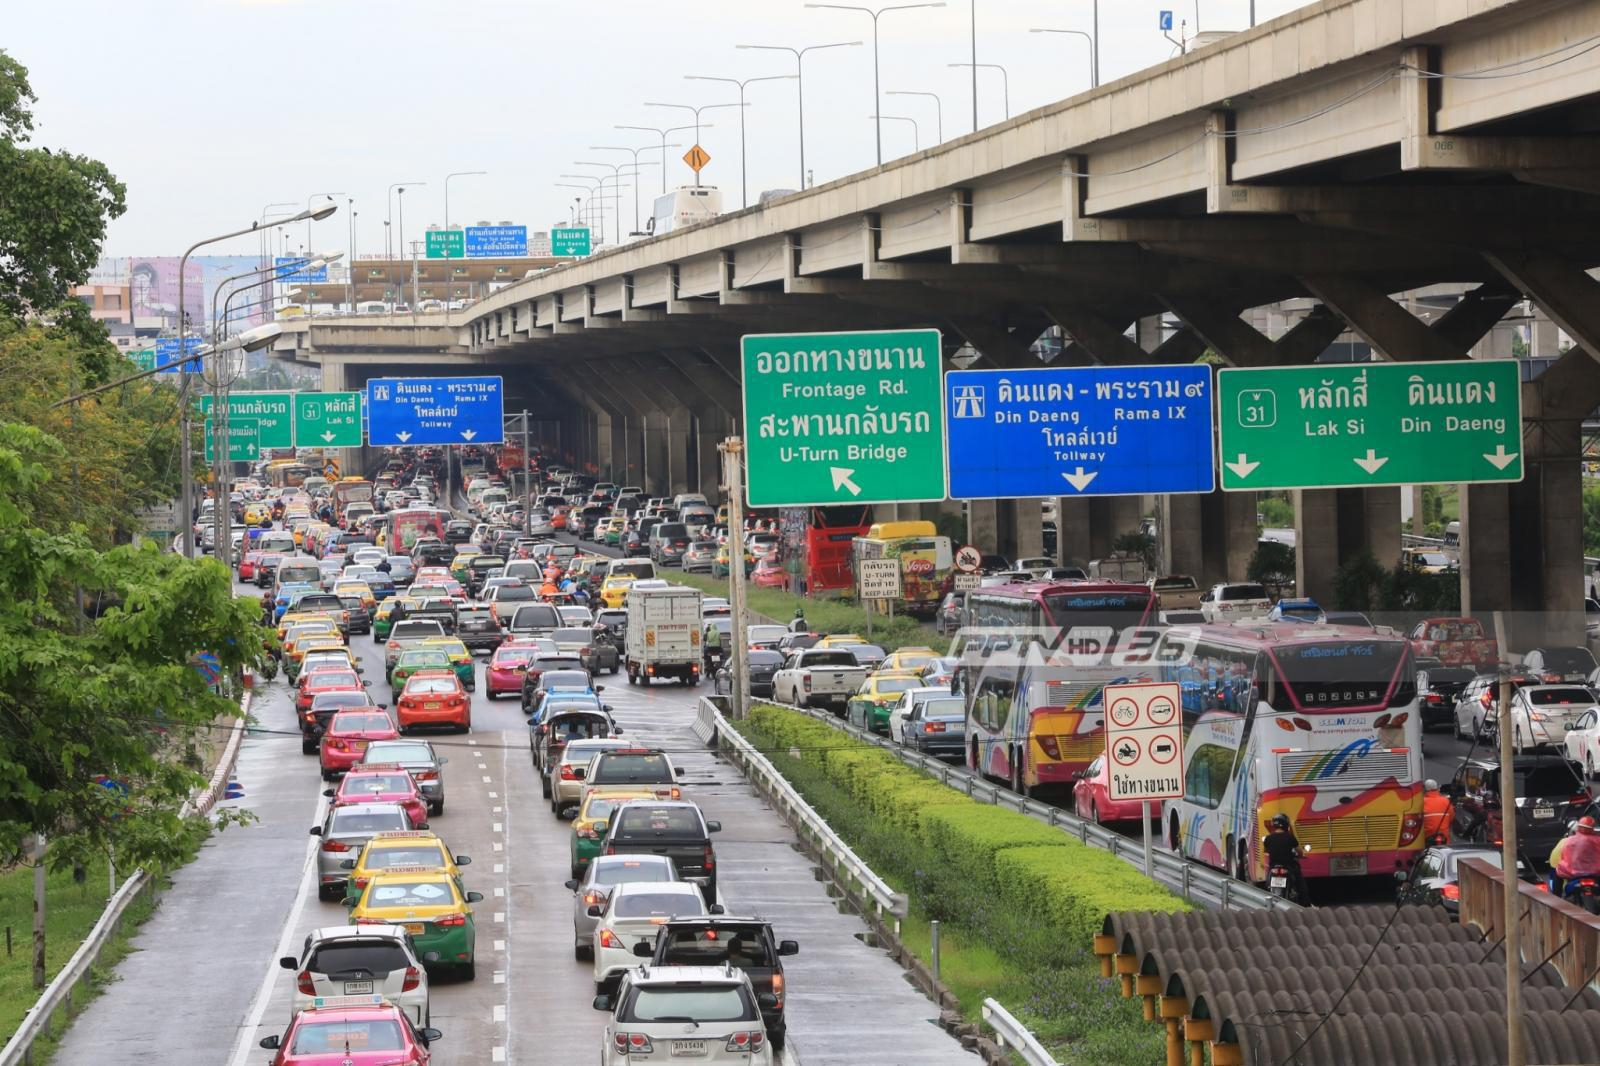 เริ่มวันนี้!! กทม.ประกาศเก็บค่าจอดรถ ถนน 66 สาย ทั่วกรุงเทพฯ